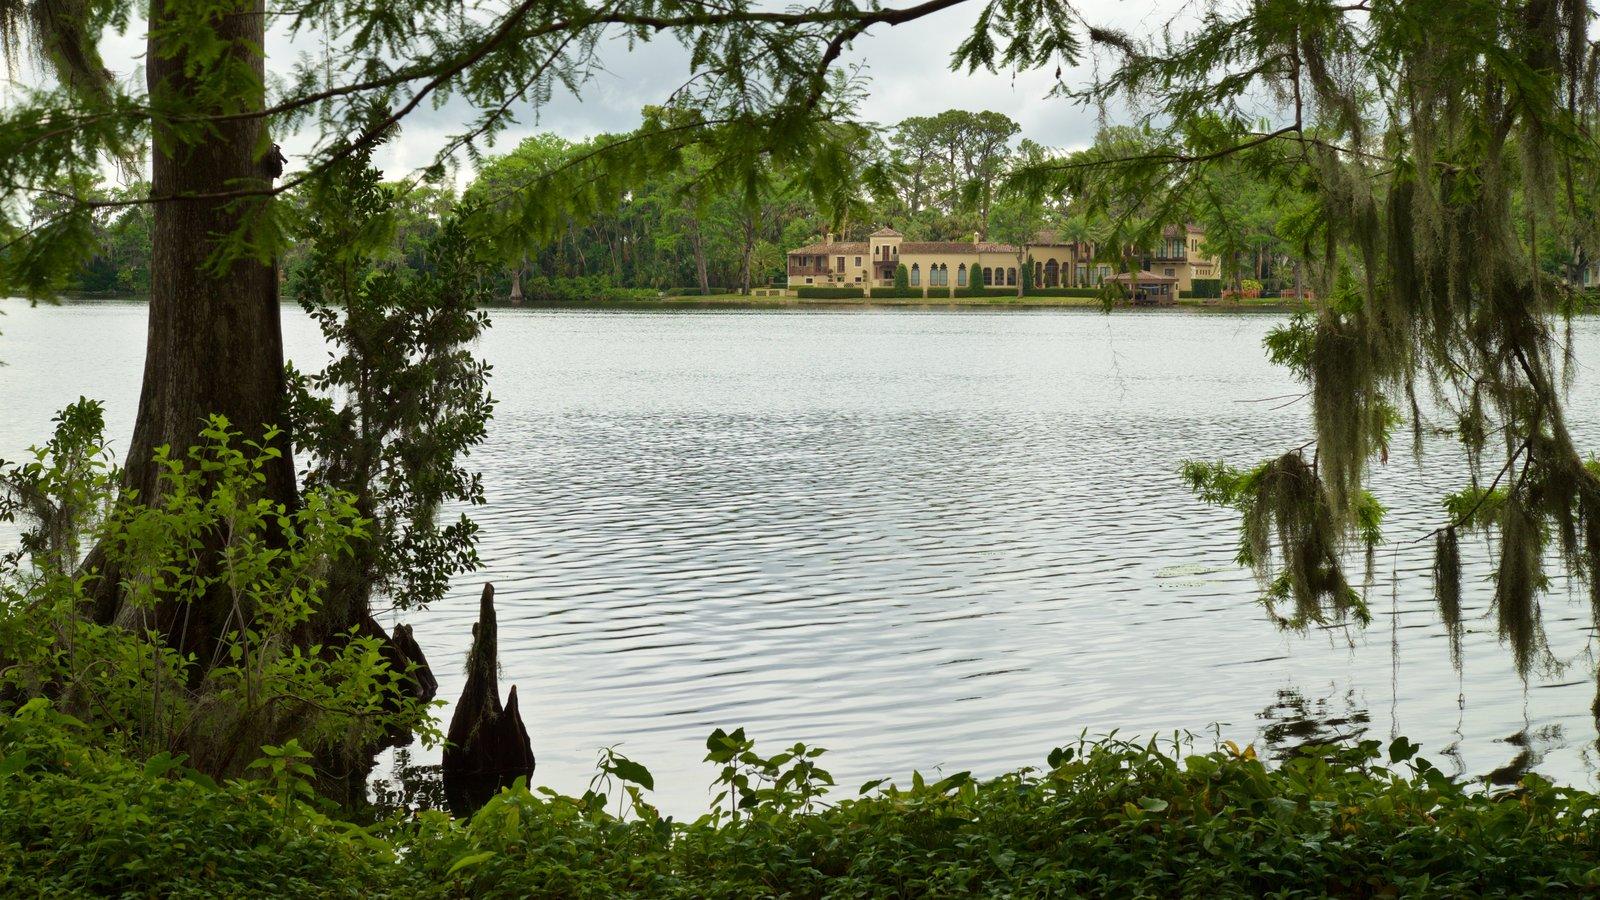 Jardines de Kraft Azalea que incluye un río o arroyo